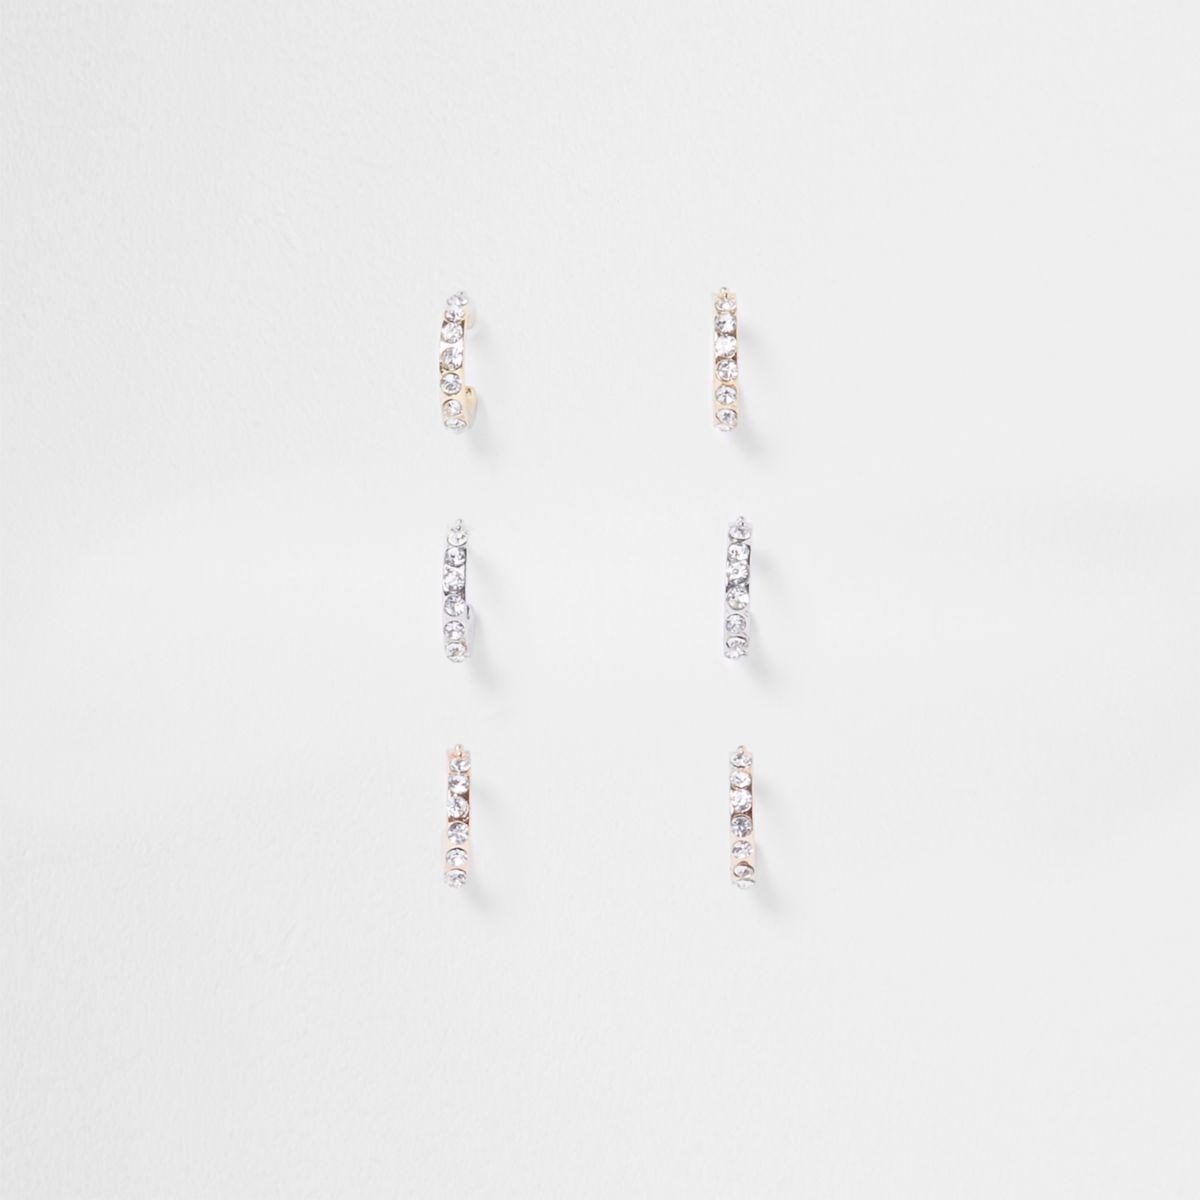 Multipack oorringen met strass in verschillende kleuren